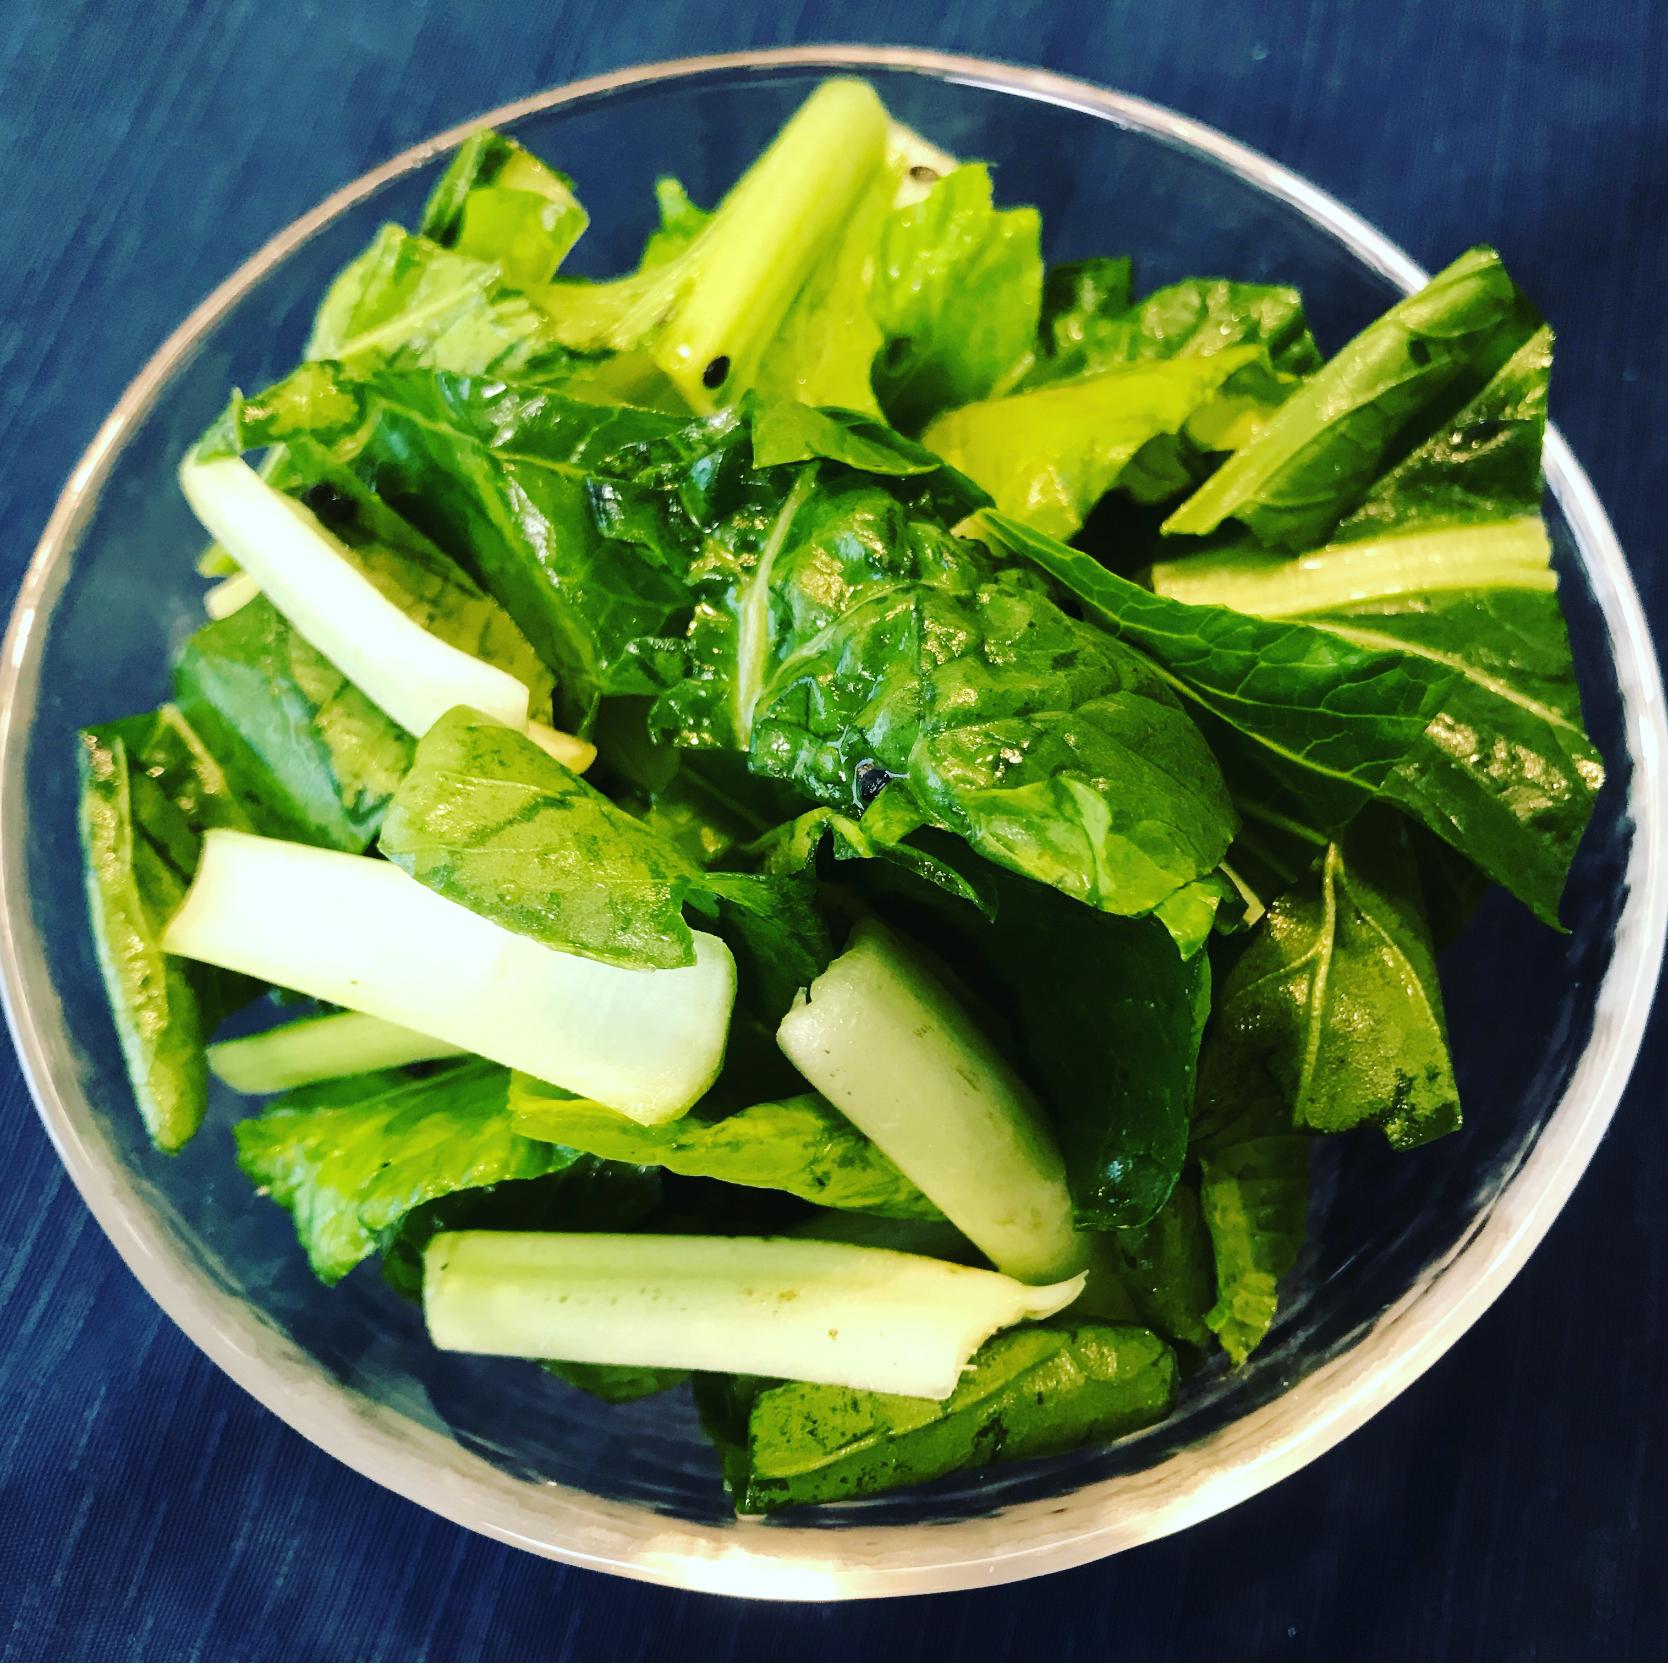 サラダ 小松菜 栄養満点スムージーや生食でサラダに‼️京小松菜とわさび菜のセット